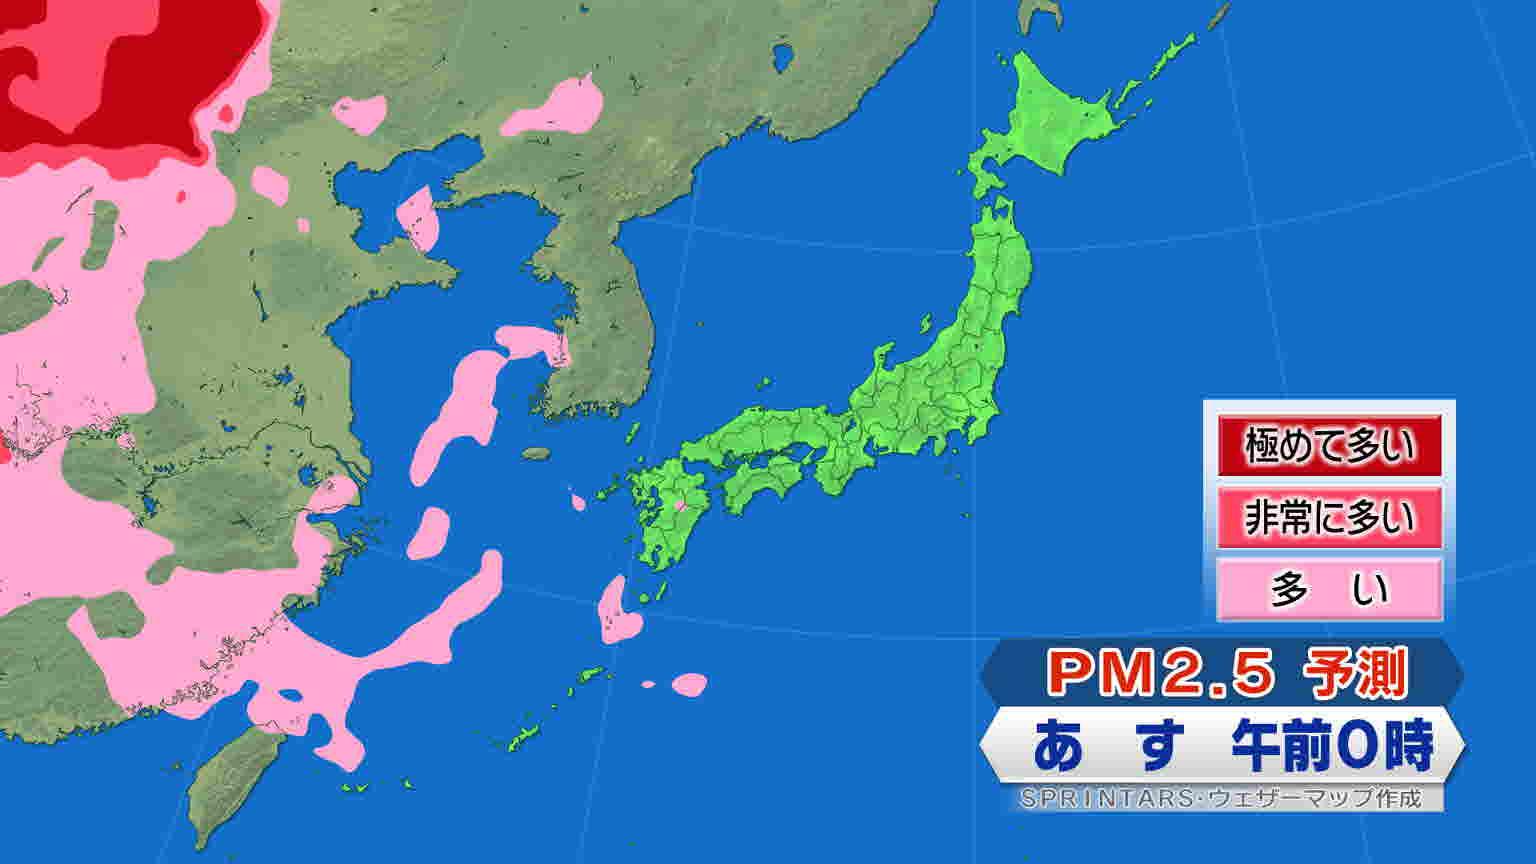 微粒子予測【PM2.5】